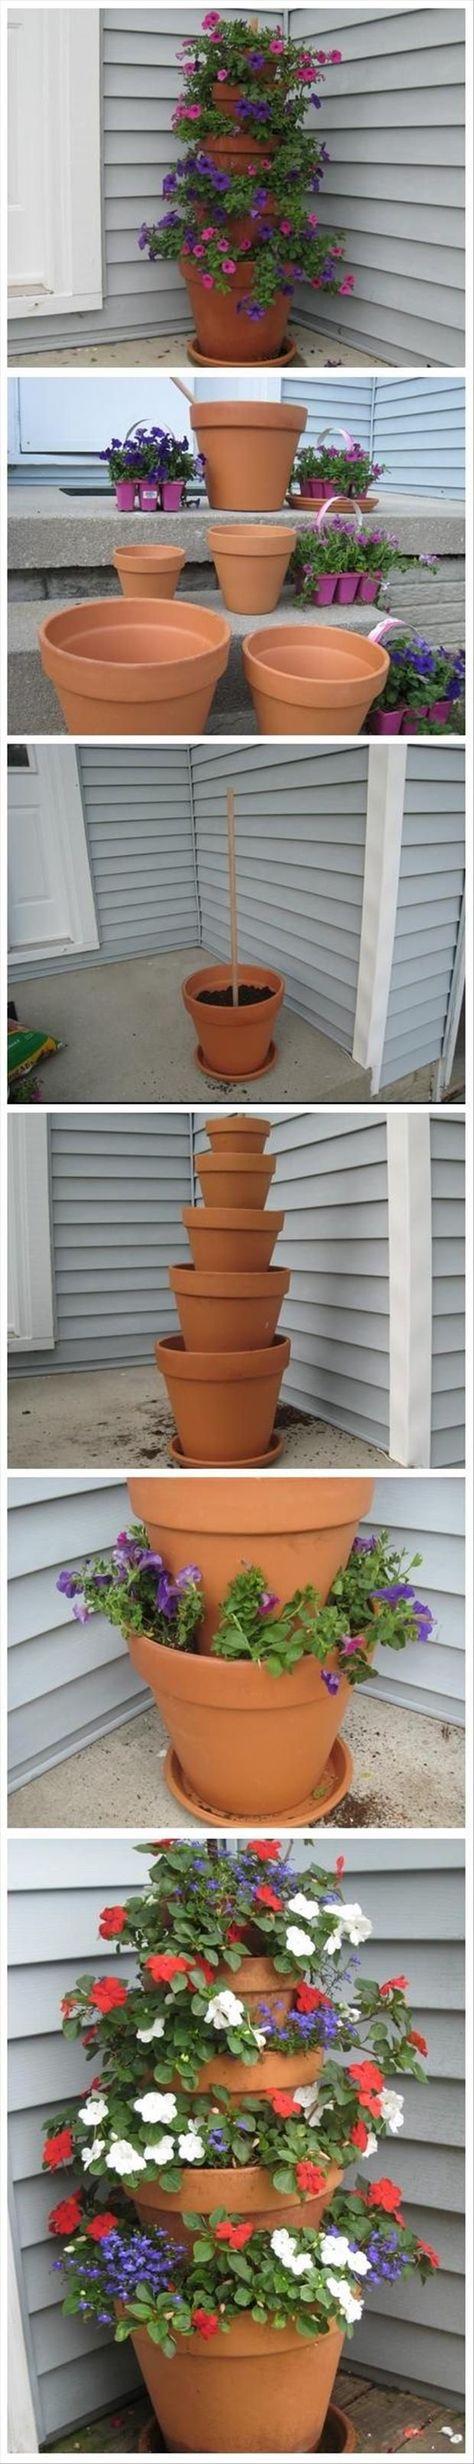 DIY Flower Tower